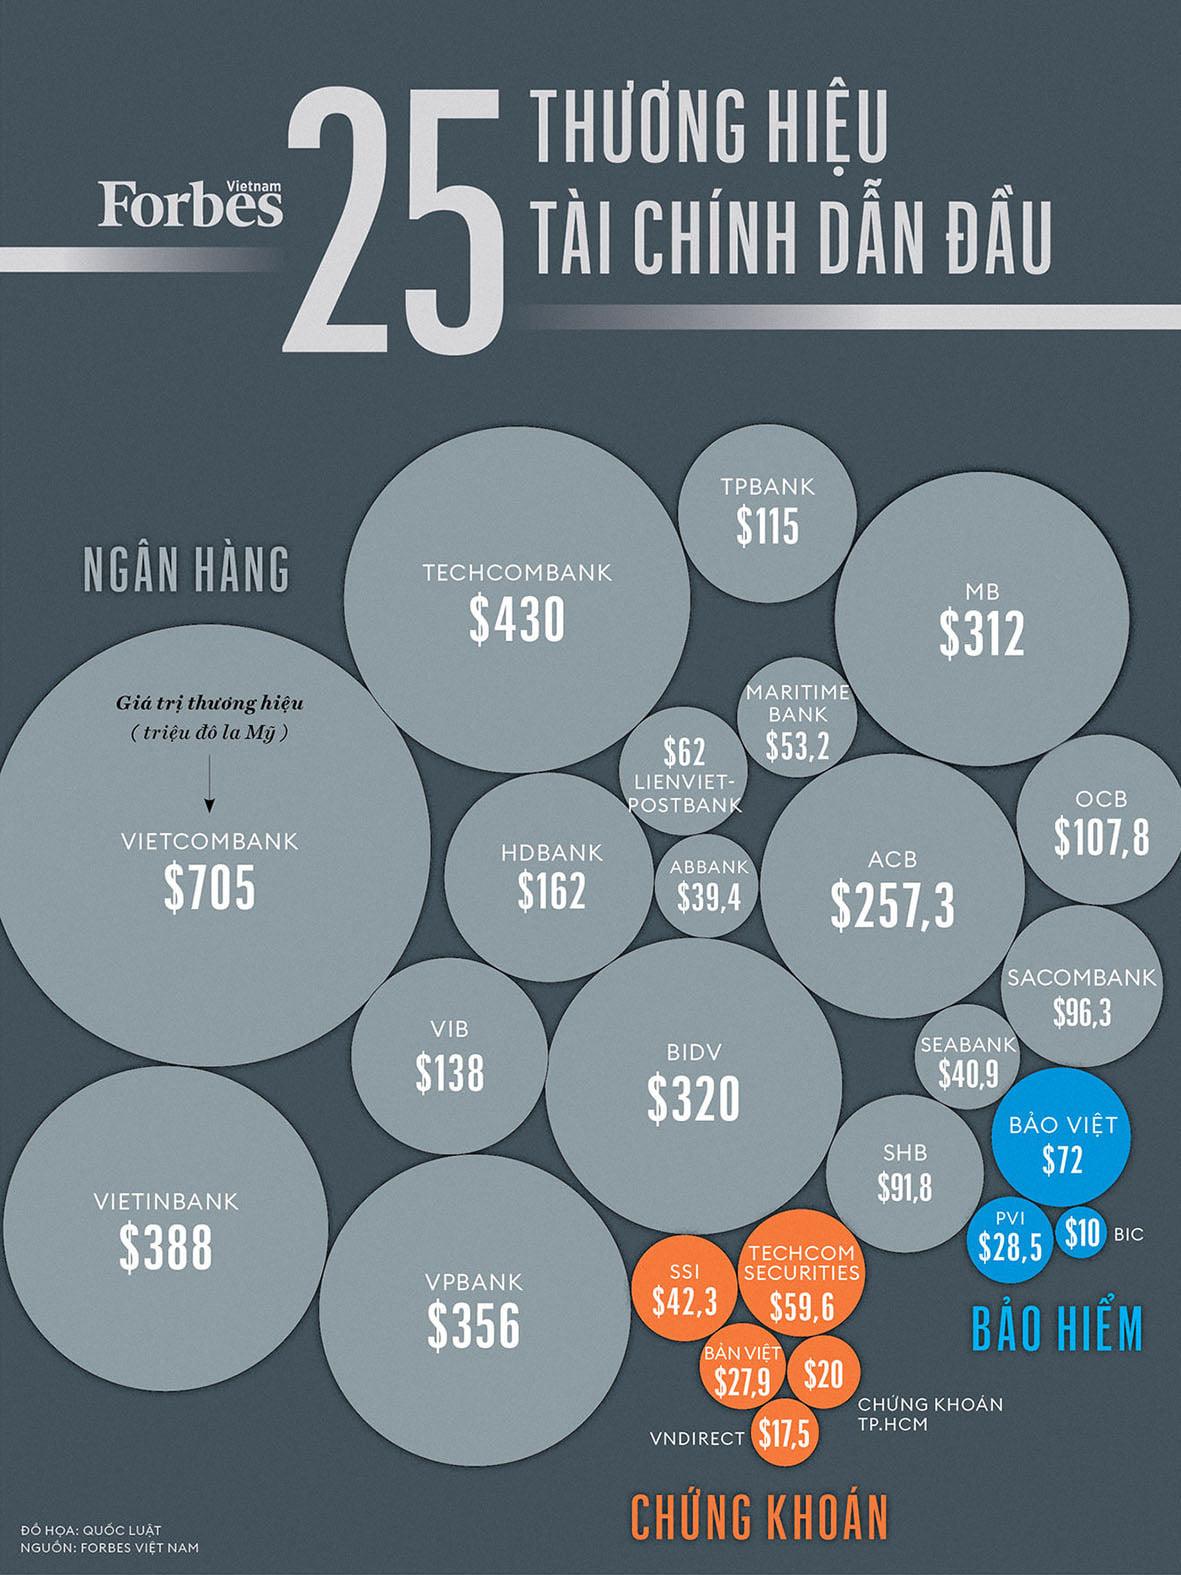 14 ngân hàng dẫn đầu Top 25 thương hiệu tài chính do Forbes Việt Nam bình chọn - Ảnh 1.